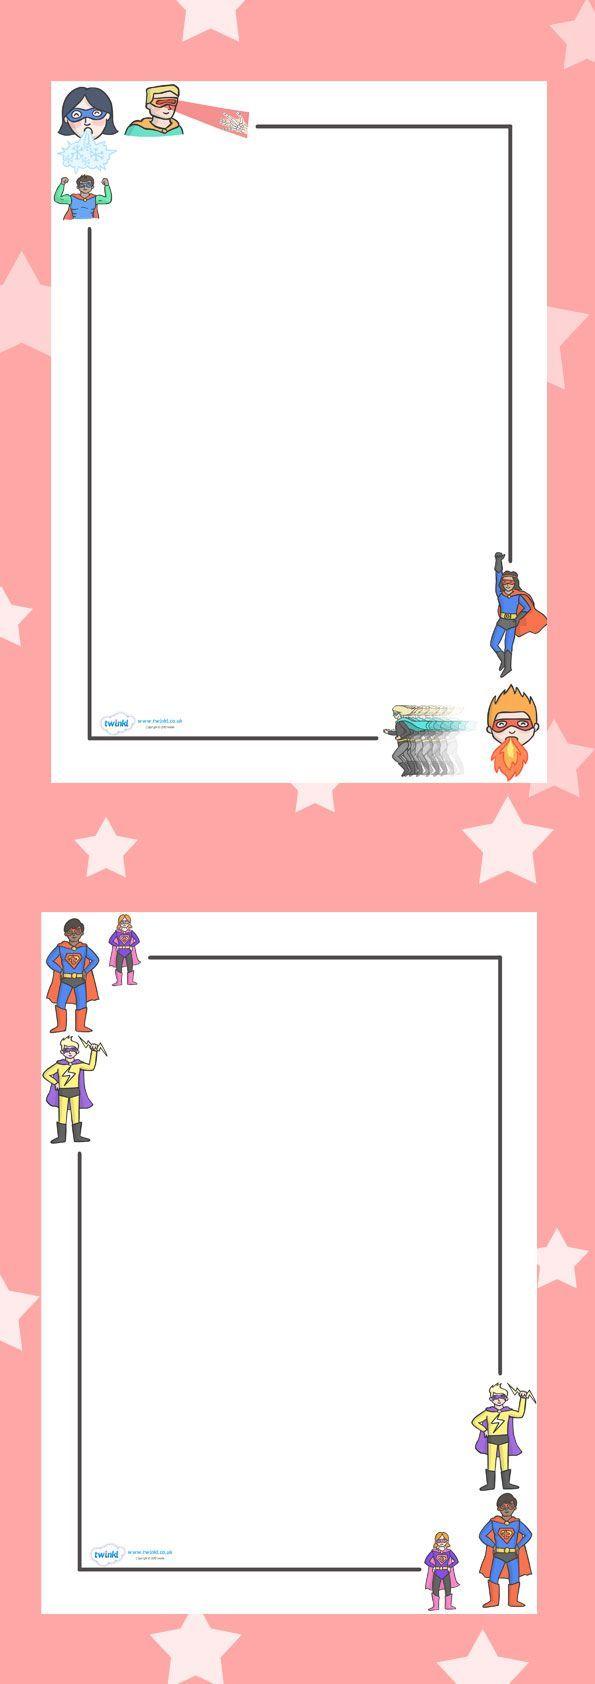 Preschool border page border - Superhero Page Borders